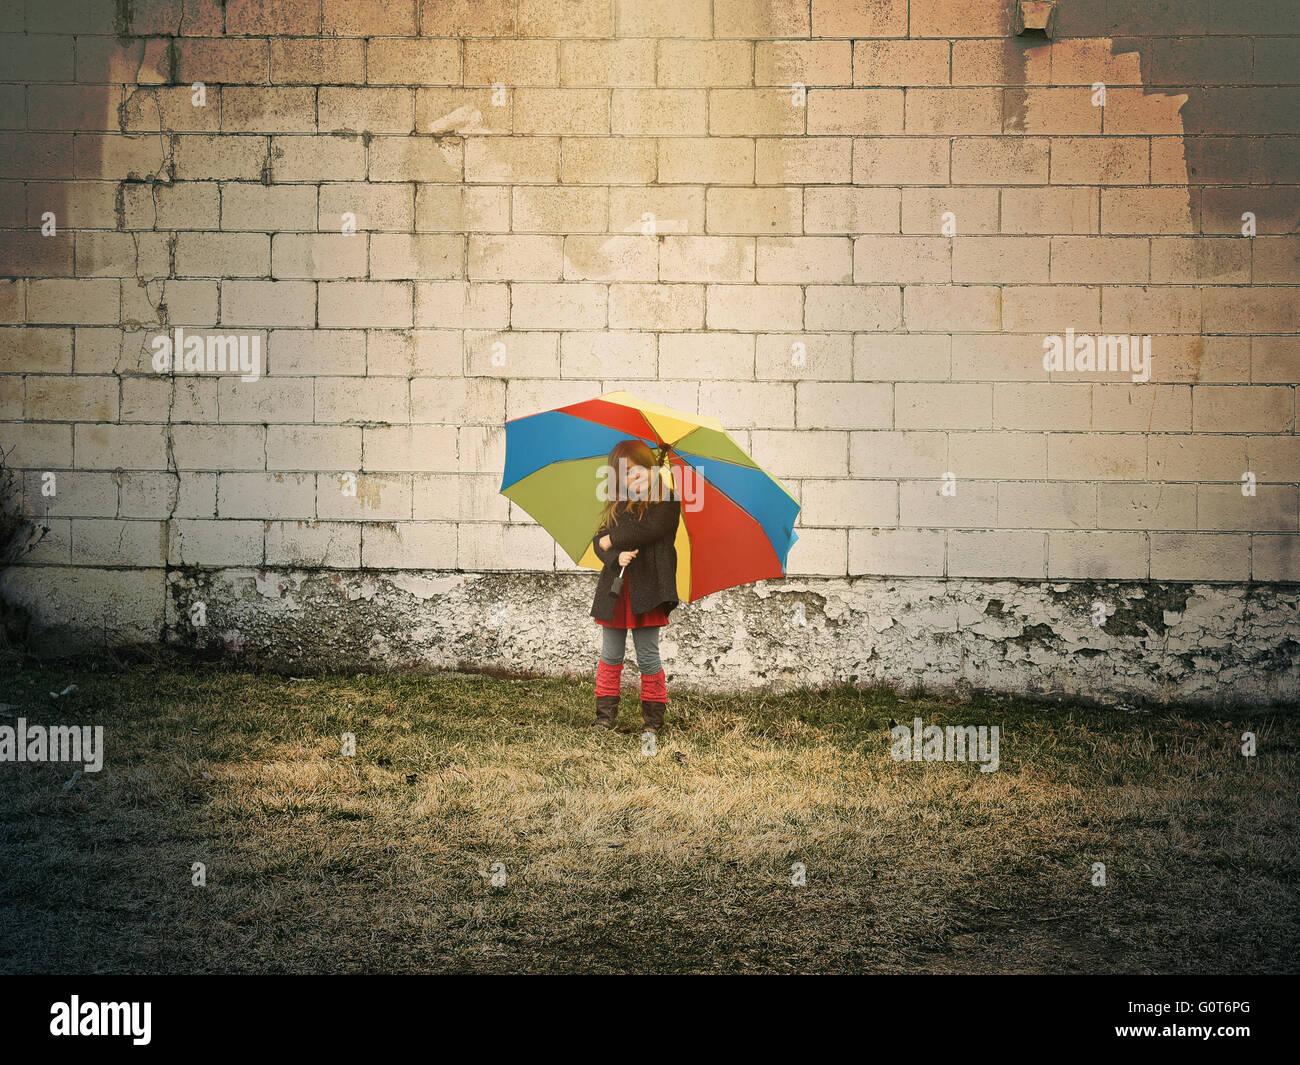 Un bambino è in piedi contro un muro di mattoni tenendo un ombrello arcobaleno al di fuori di una speranza, Immagini Stock